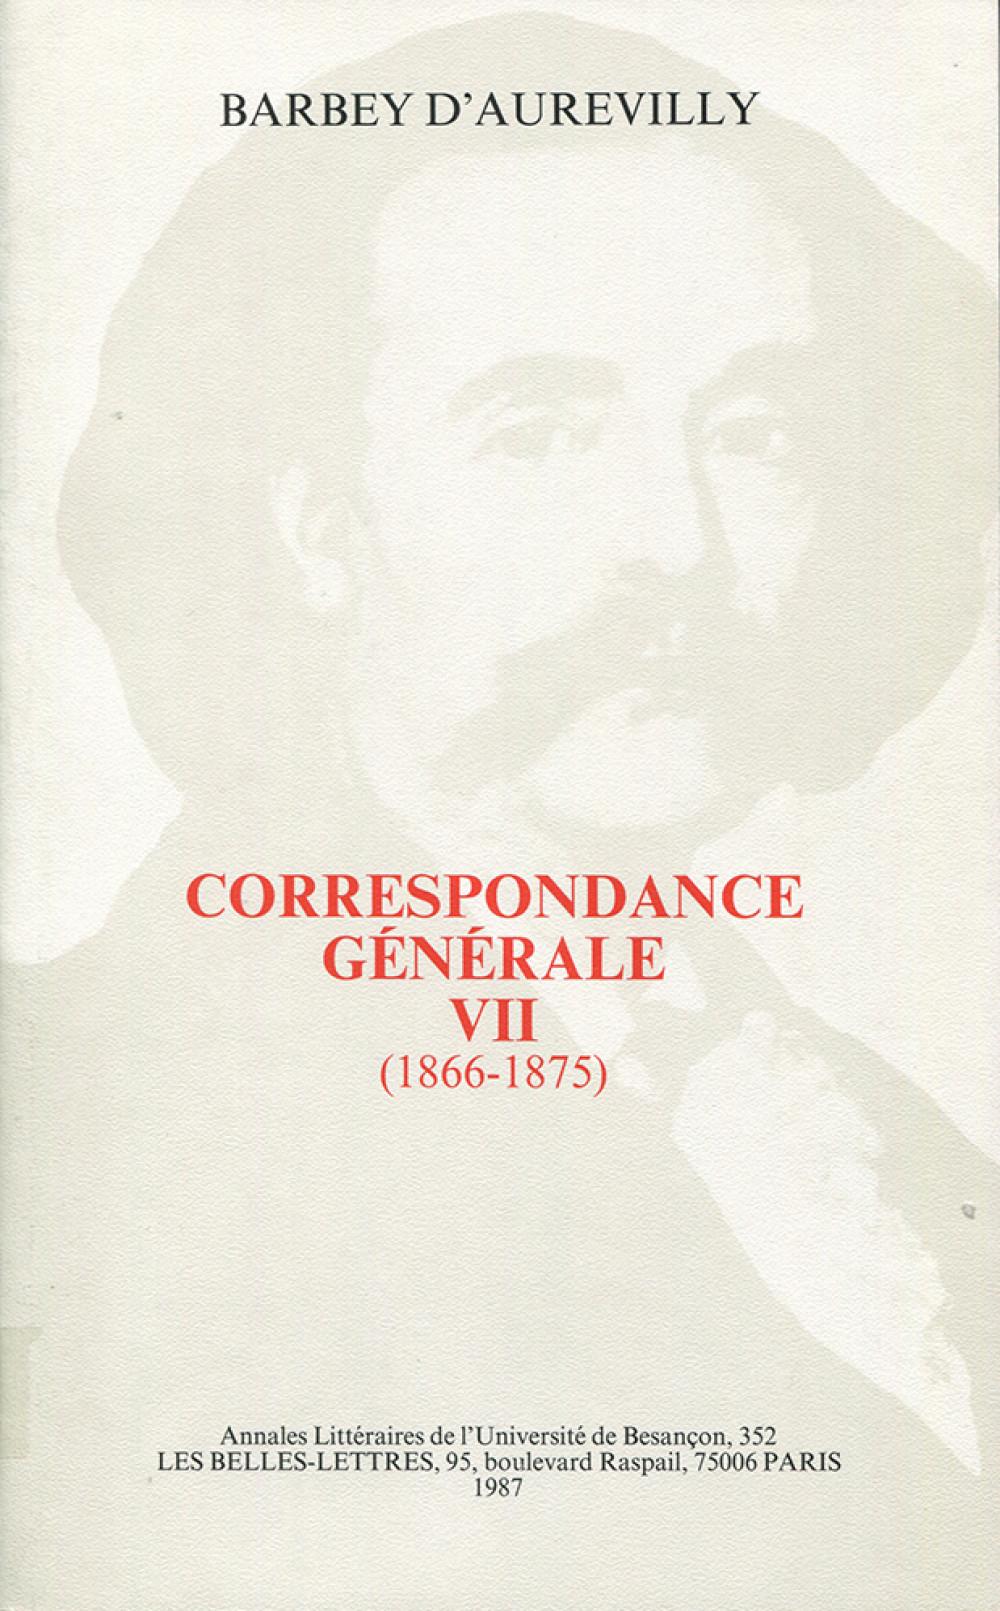 Correspondance générale de Barbey d'Aurevilly VII (1866-1875).